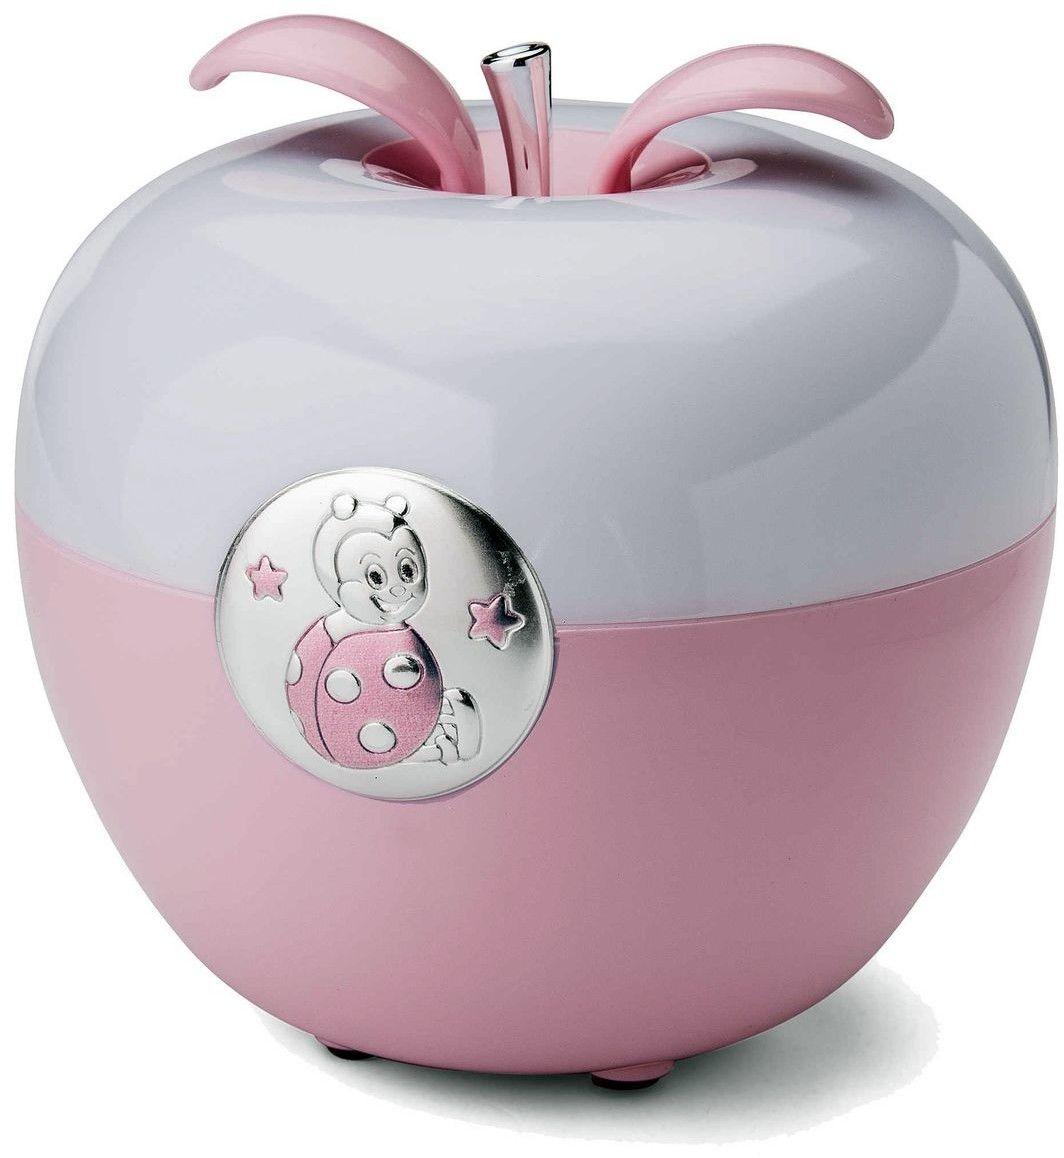 Lampka jabłuszko Biedronka Rozmiar: H 11 Fi 12 cm Kolor: Różowy SKU: VL21153R